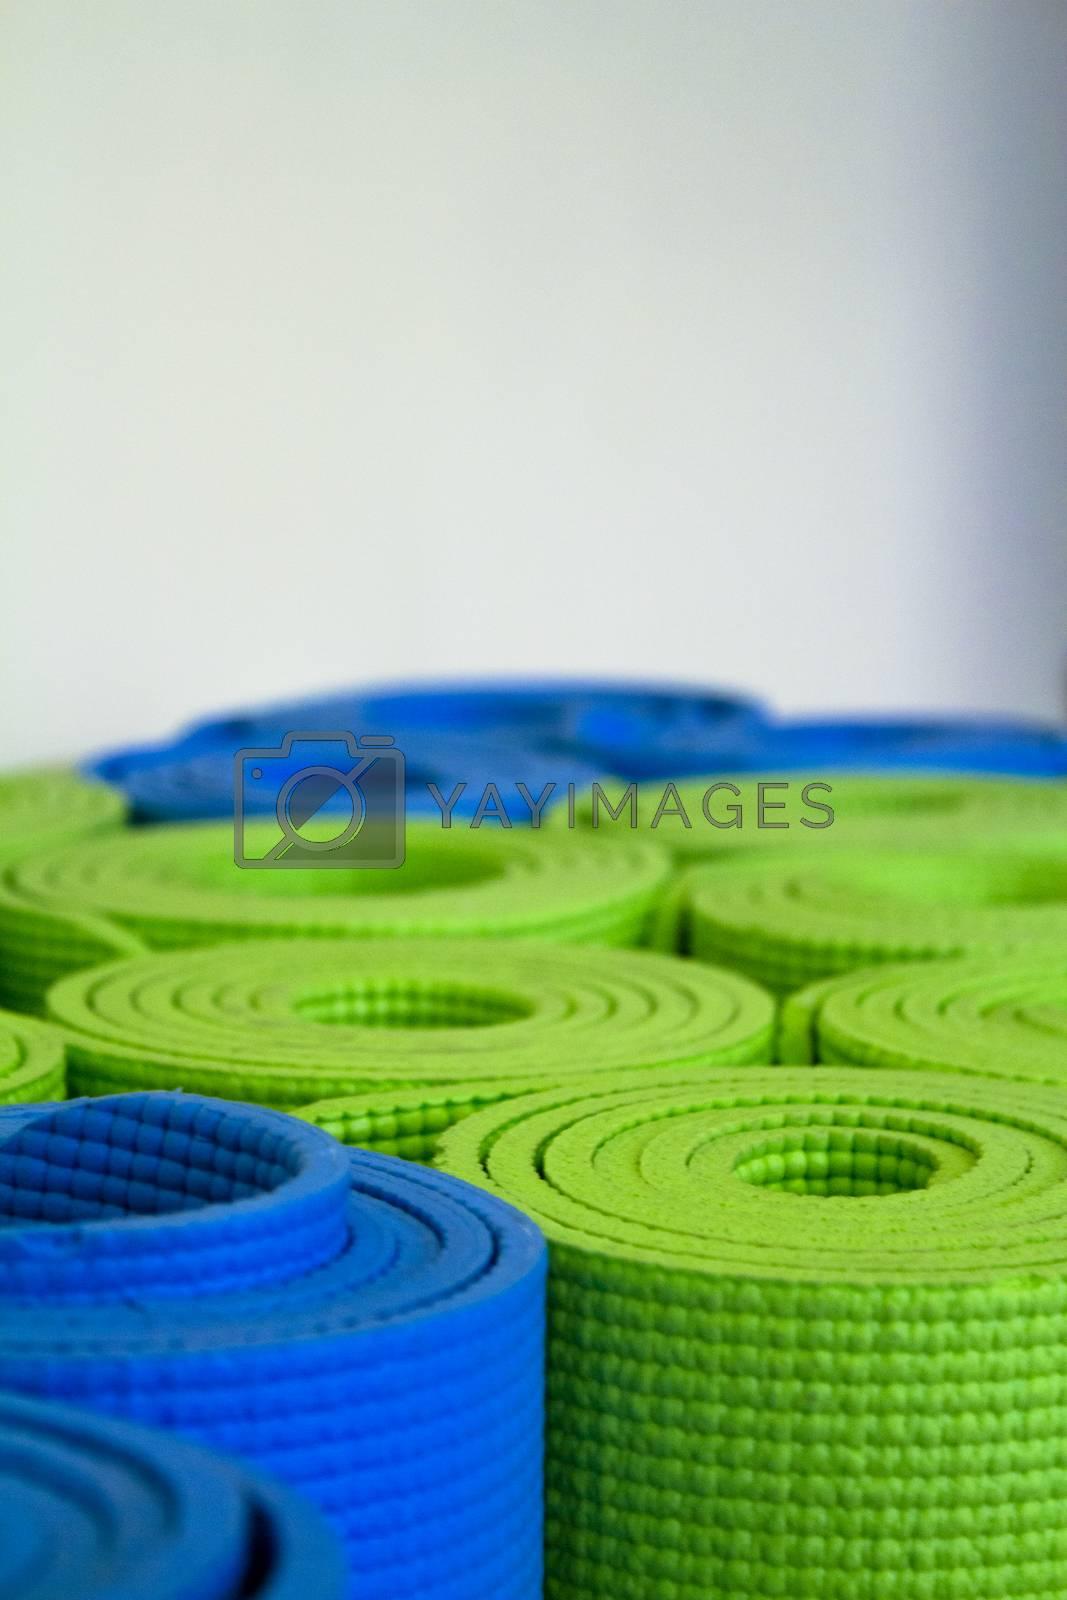 Shallow focus image of colorful, rolled up yoga mats. Fotografía de Gema Ibarra. Prohibida su utilización para cualquier uso sin autorización.Todos los derechos reservados.